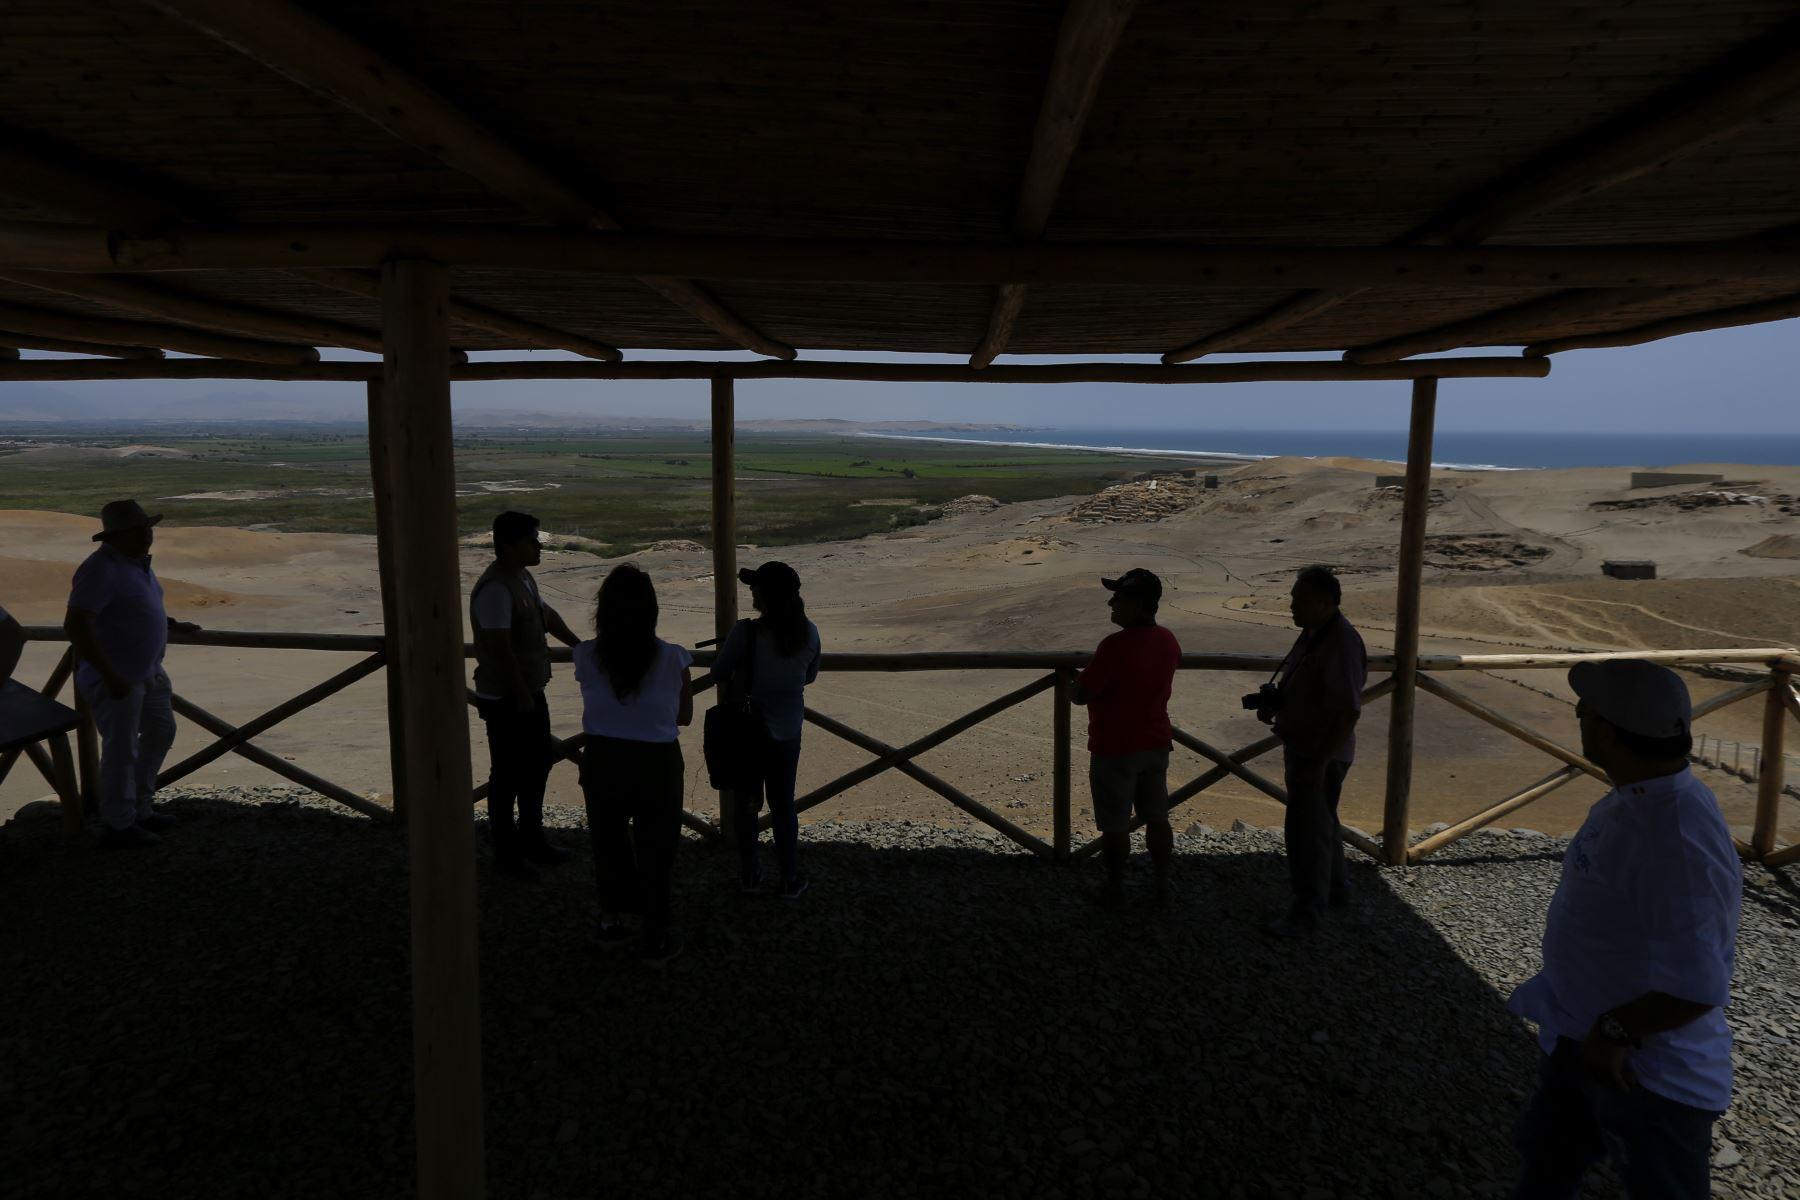 La provincia de Barranca ubicada a 175 kilómetros al norte de Lima es una gran opción para el turismo. El Complejo Arqueológico Áspero, es uno de sus atractivos.  Foto: ANDINA/Renato Pajuelo